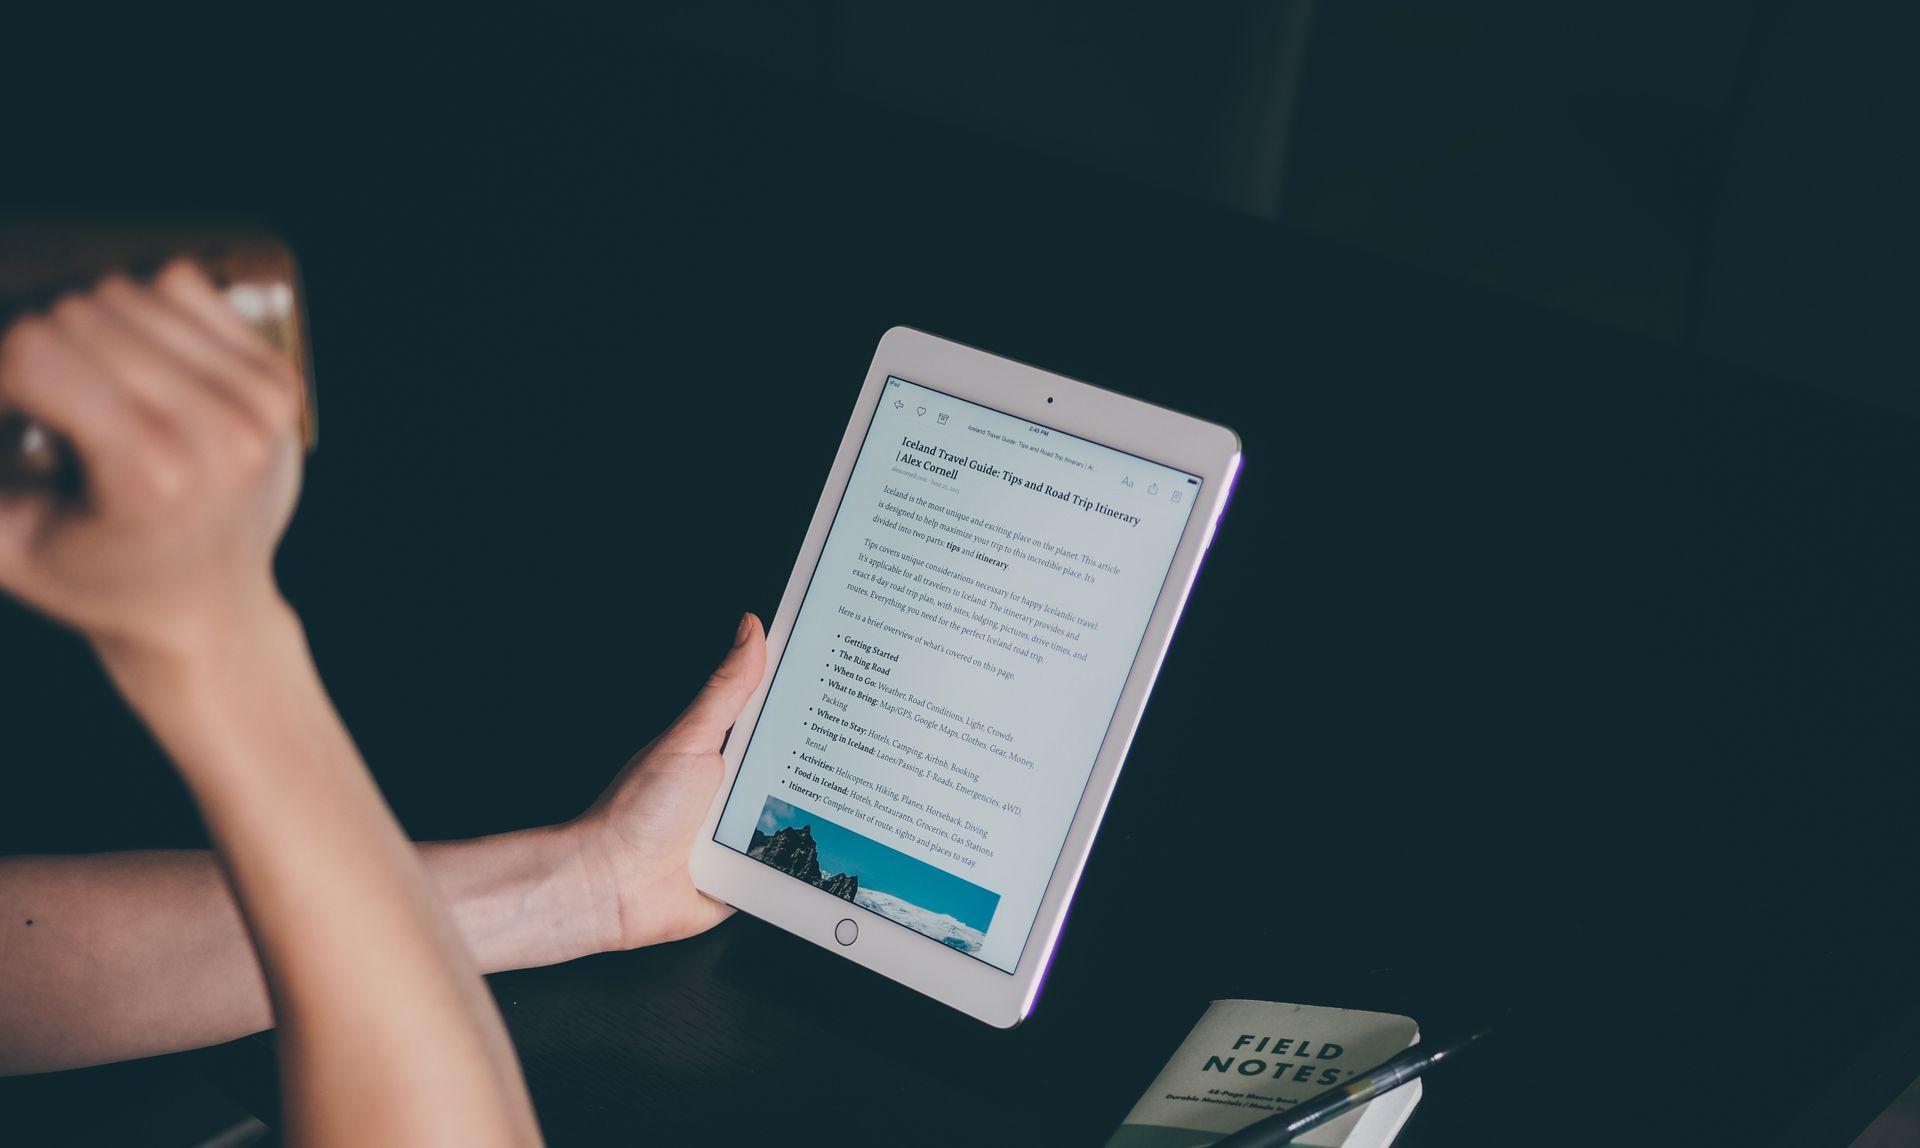 reading in Instapaper